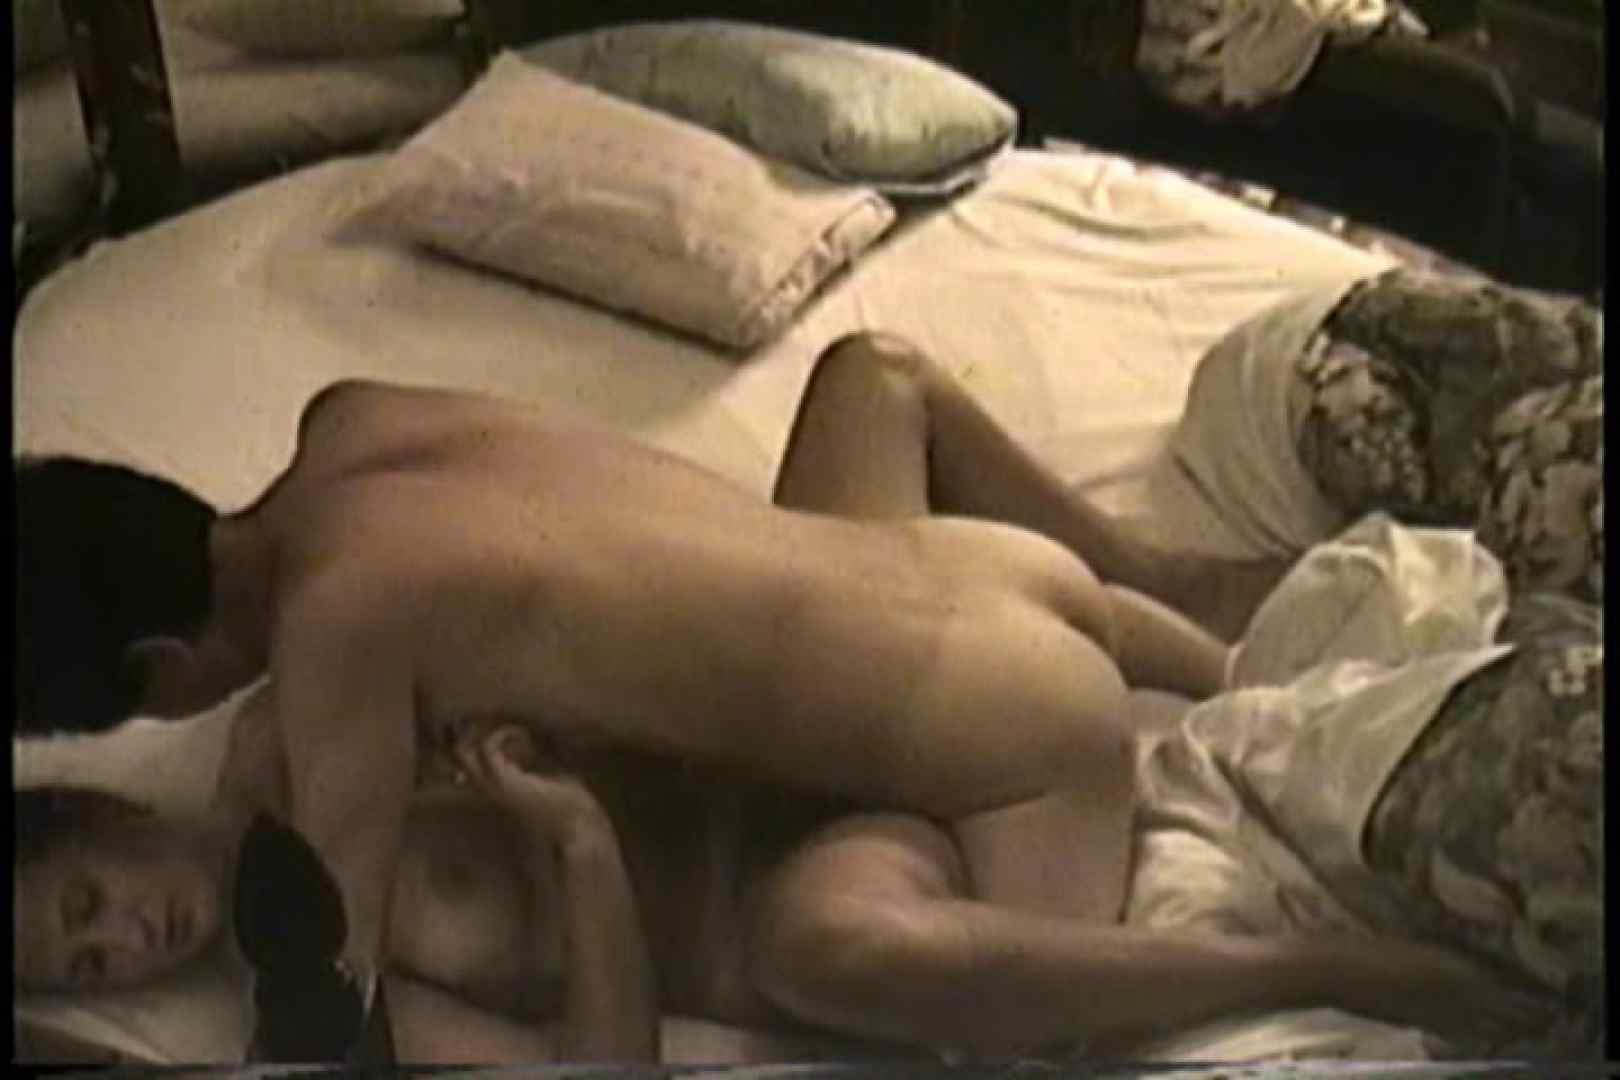 実録!ラブホテル~消し忘れ注意!昭和の色編~ vol.22 SEXで興奮 | 熟女のエロ動画  83PIX 41